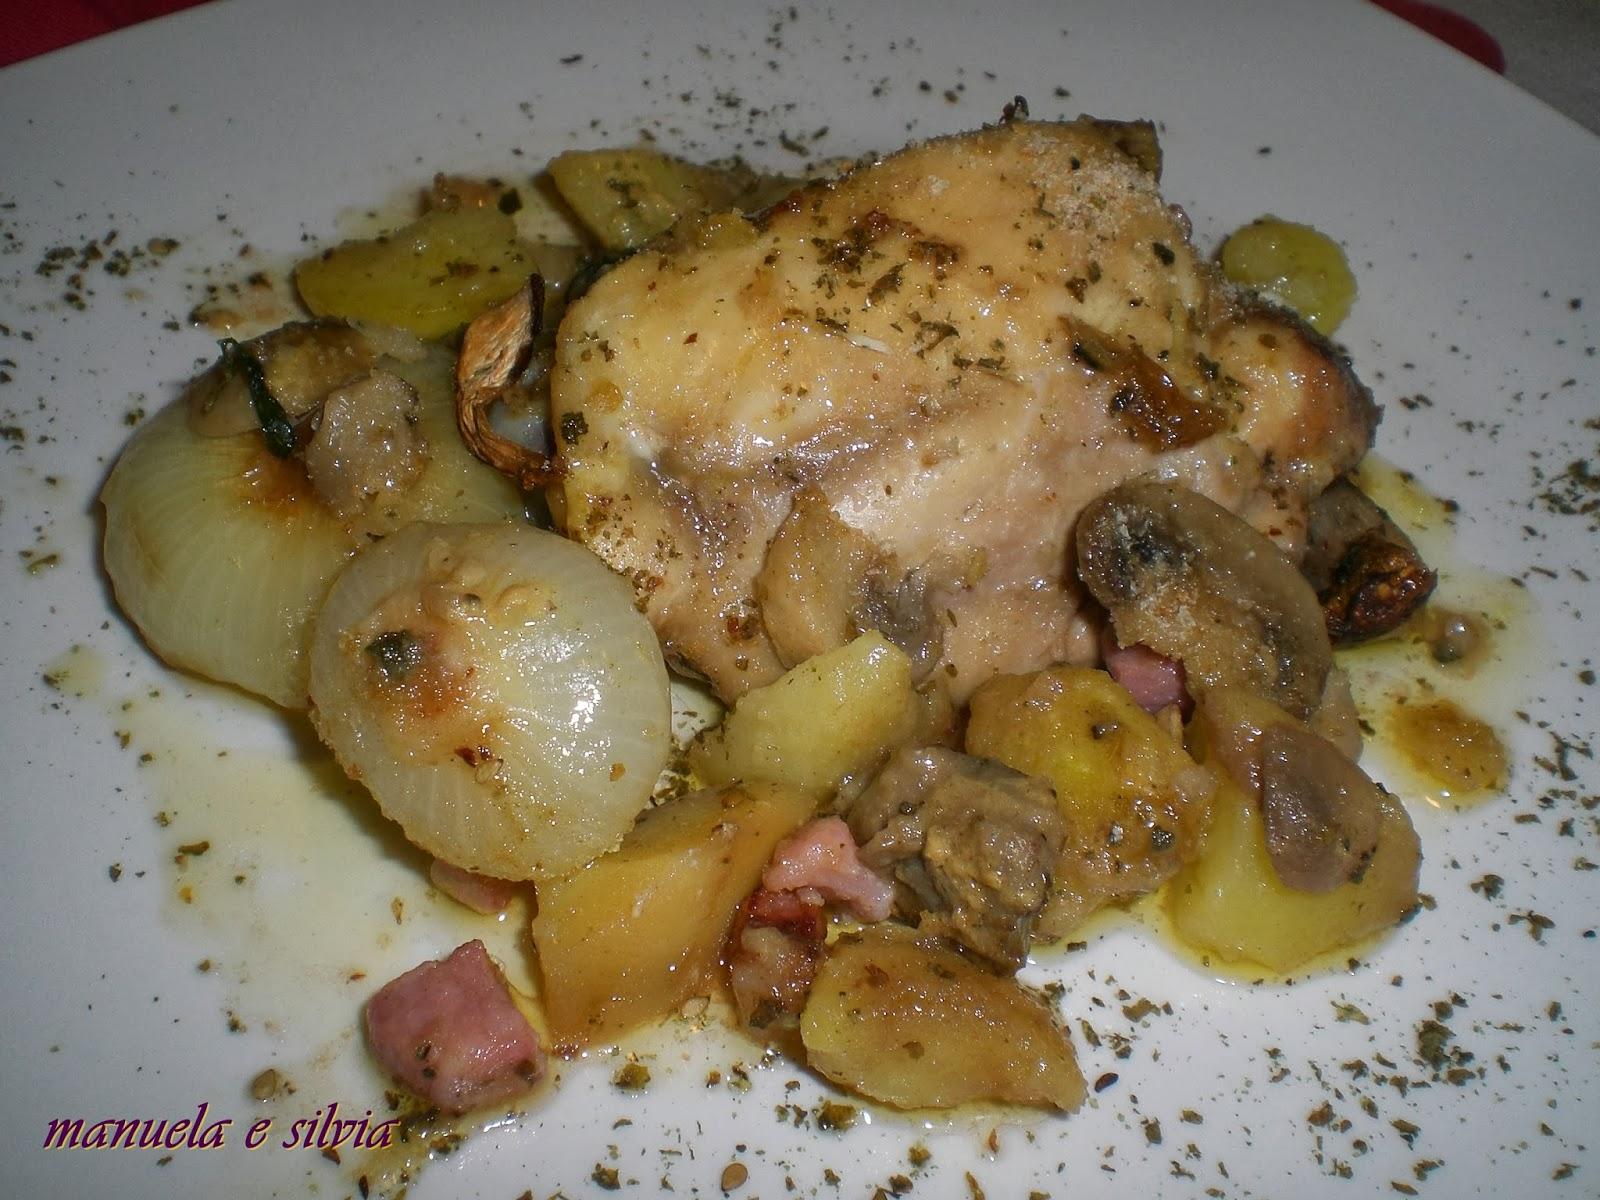 teglia ricca di pollo, cipolline borettane, patate e funghi